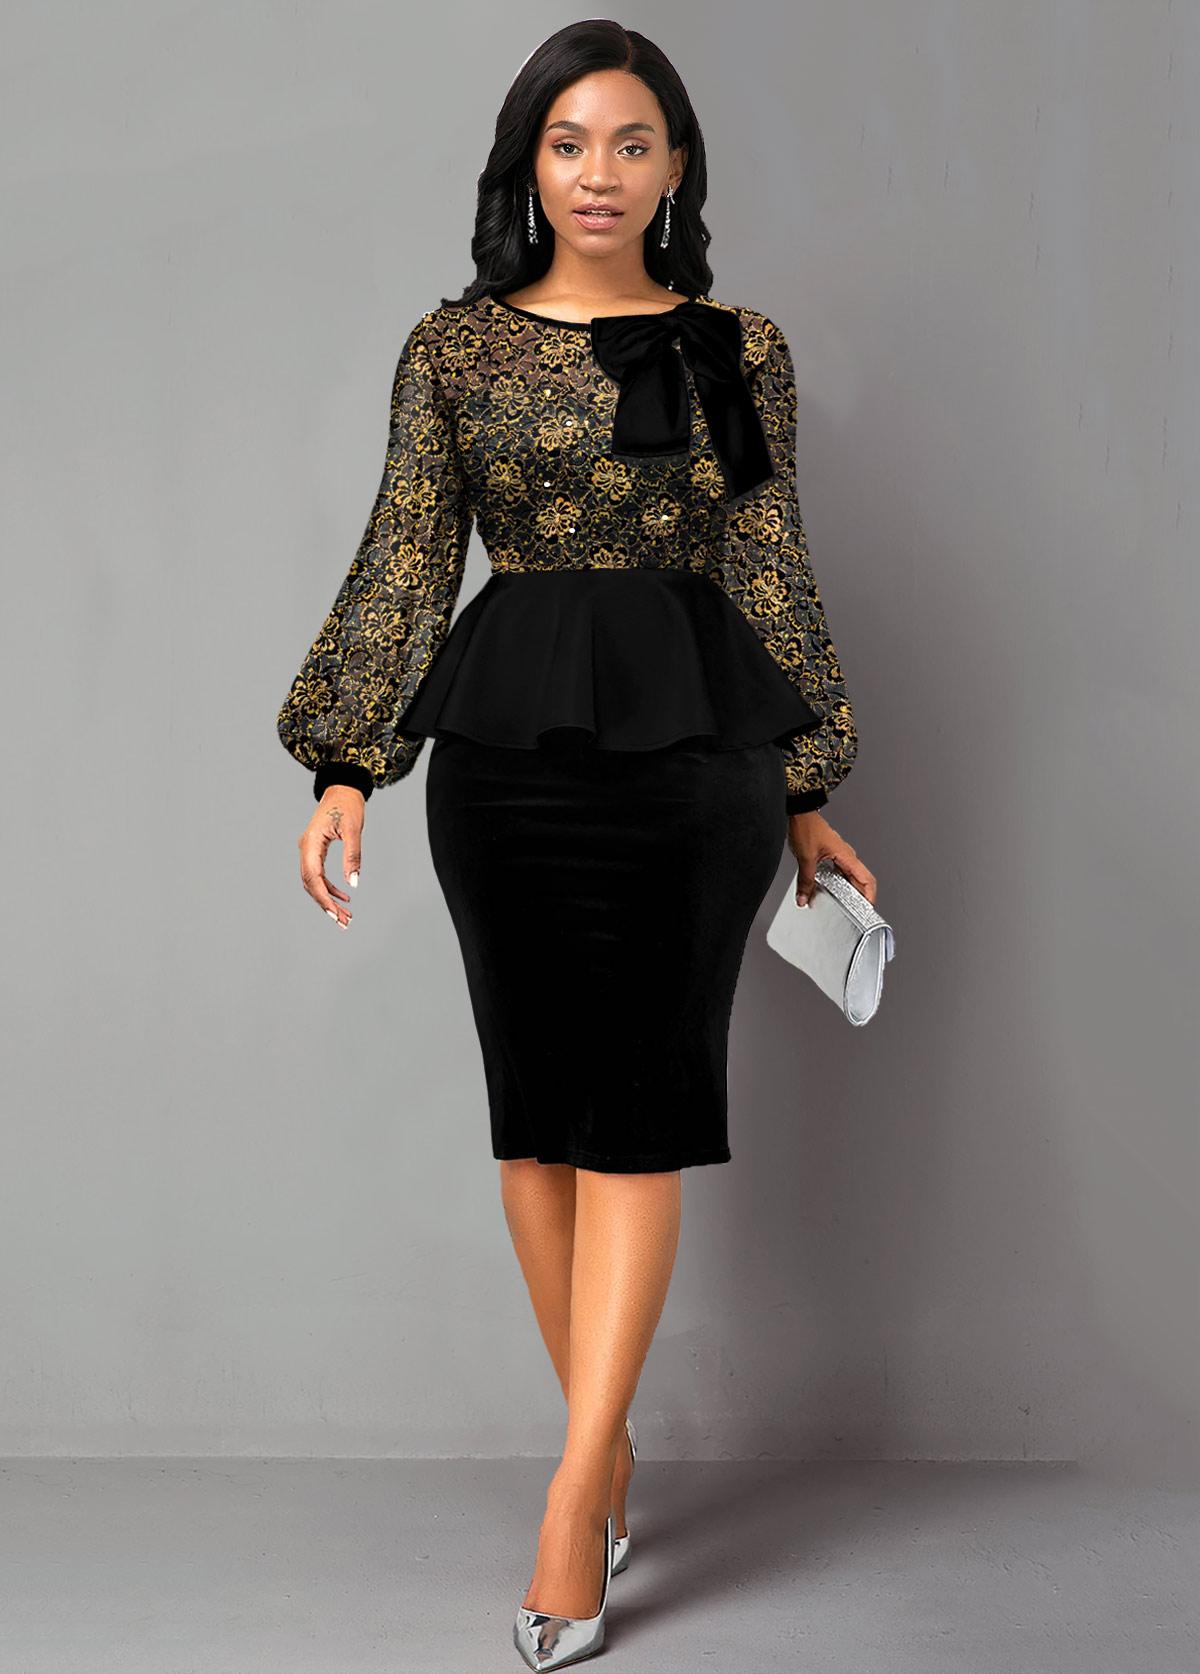 Bowknot Lace Panel Sequin Peplum Waist Dress